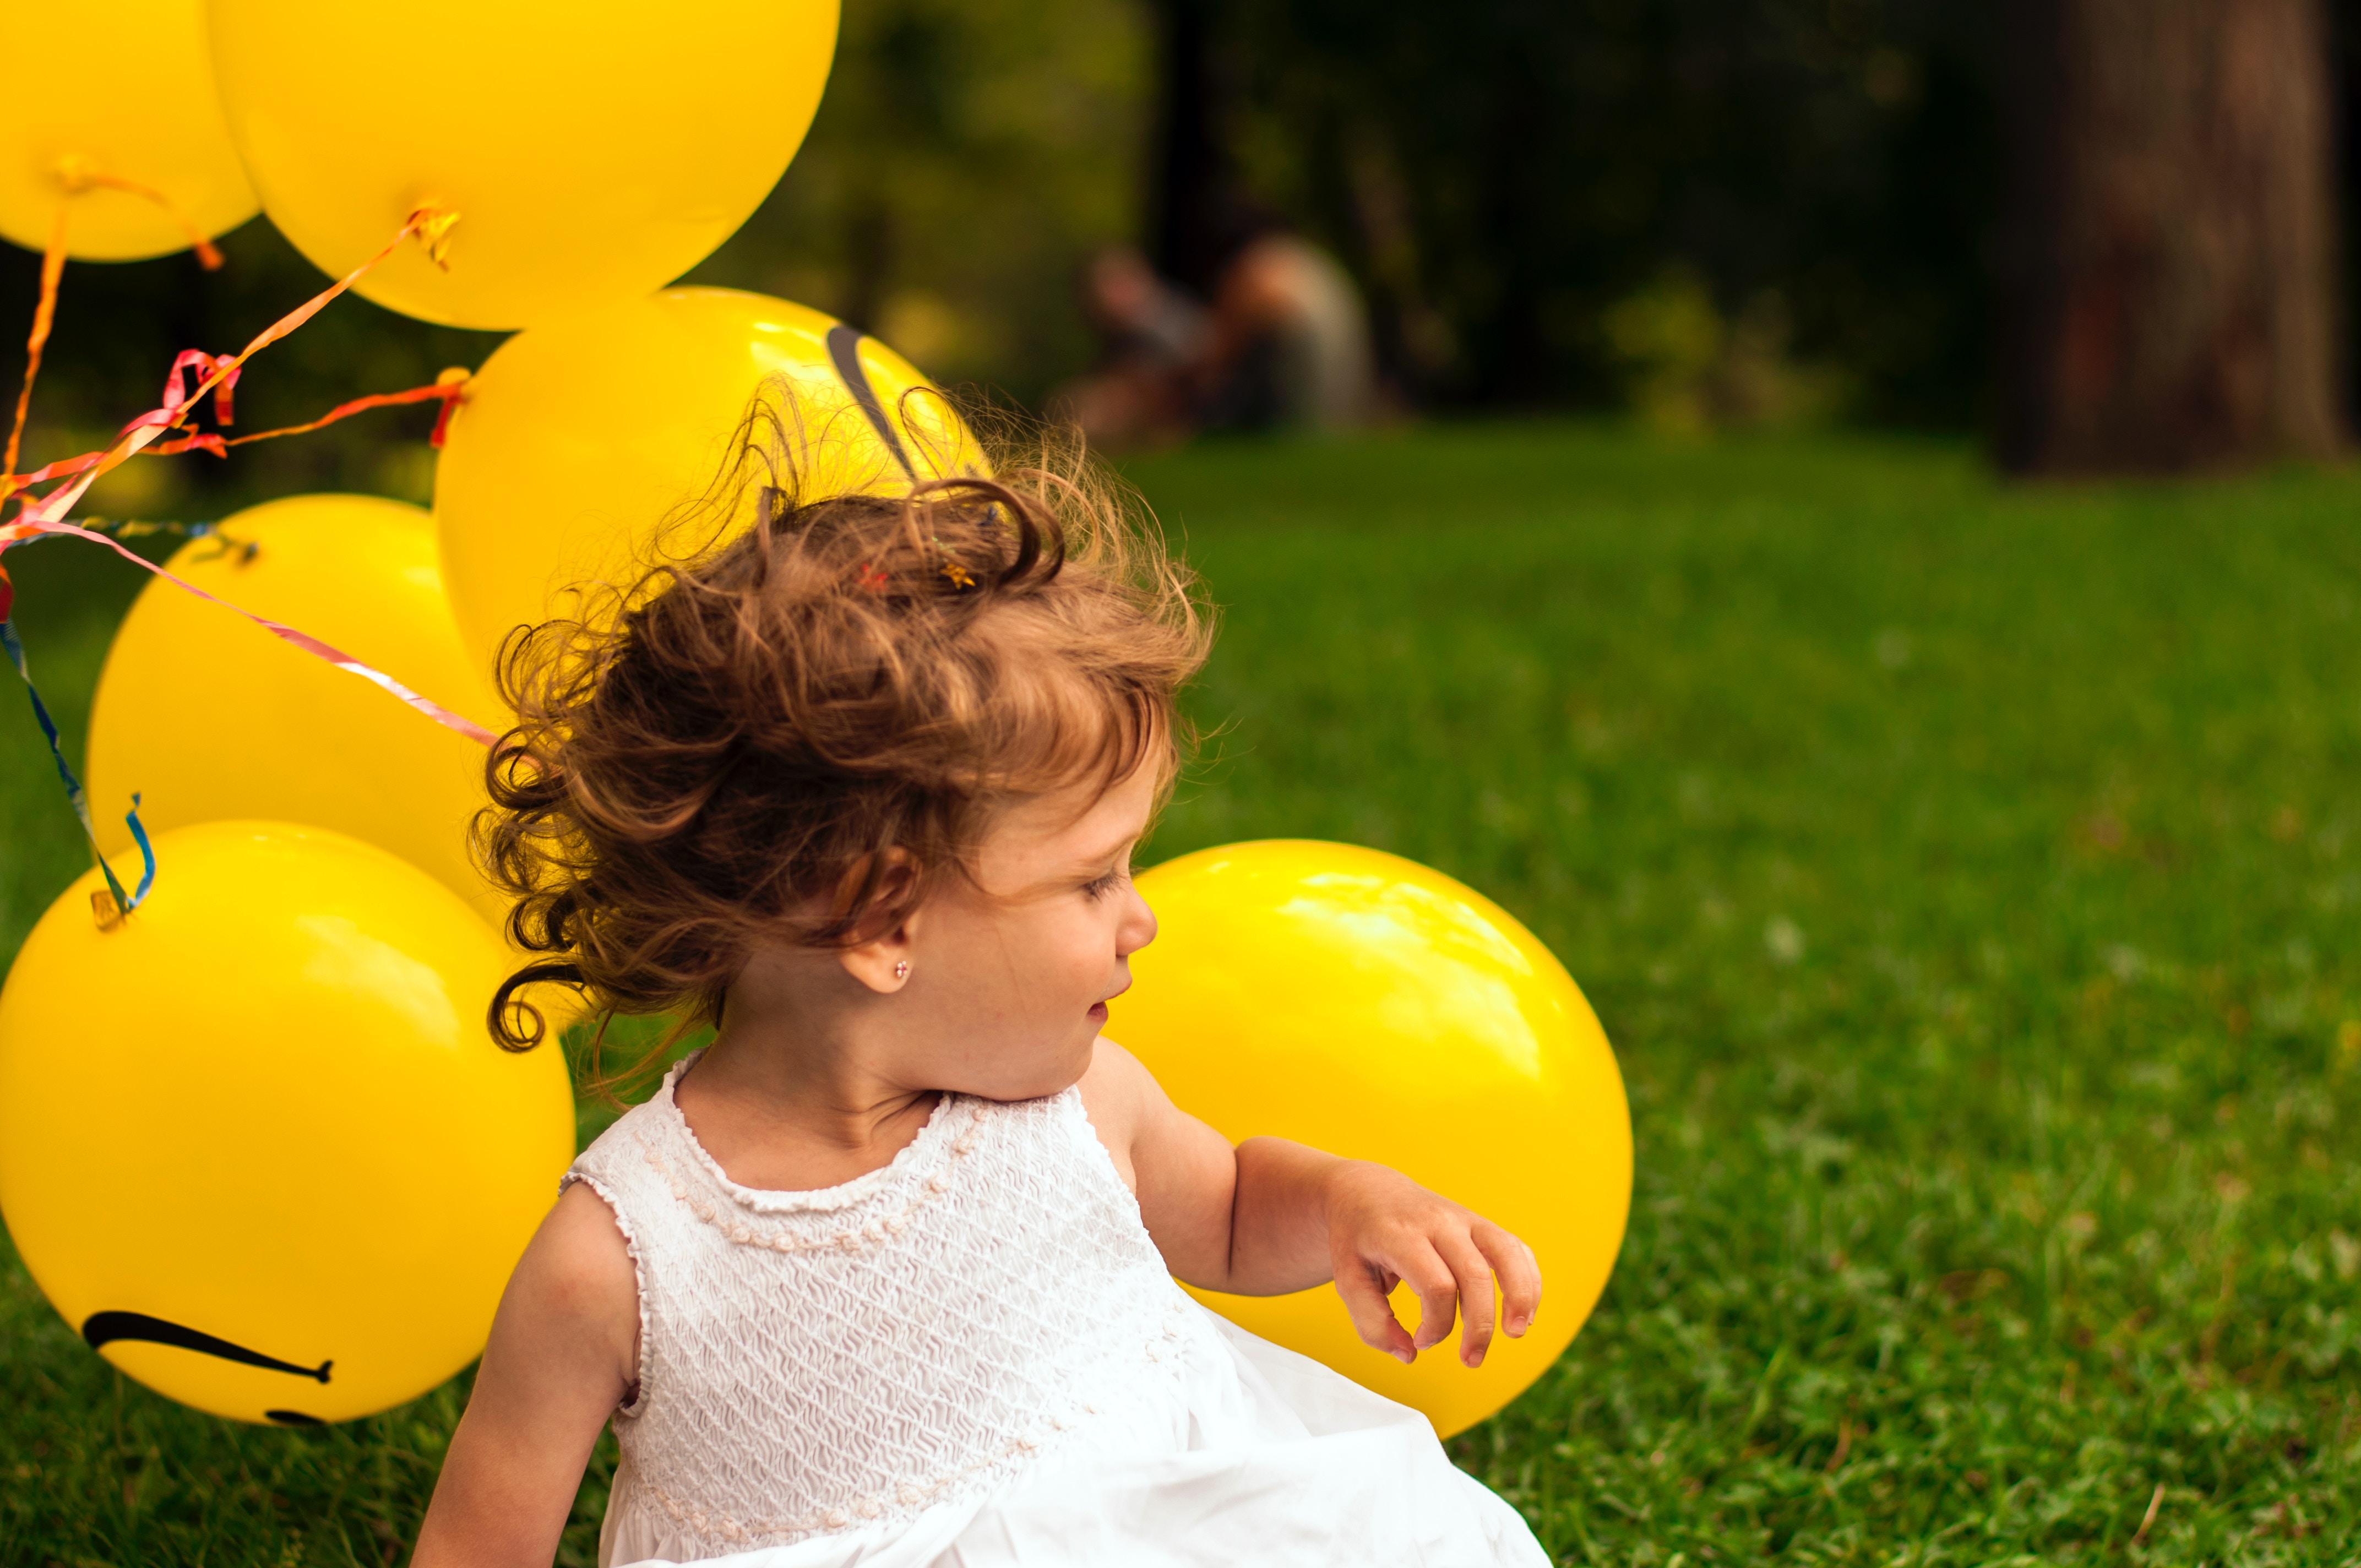 Dziecko z balonamijpg